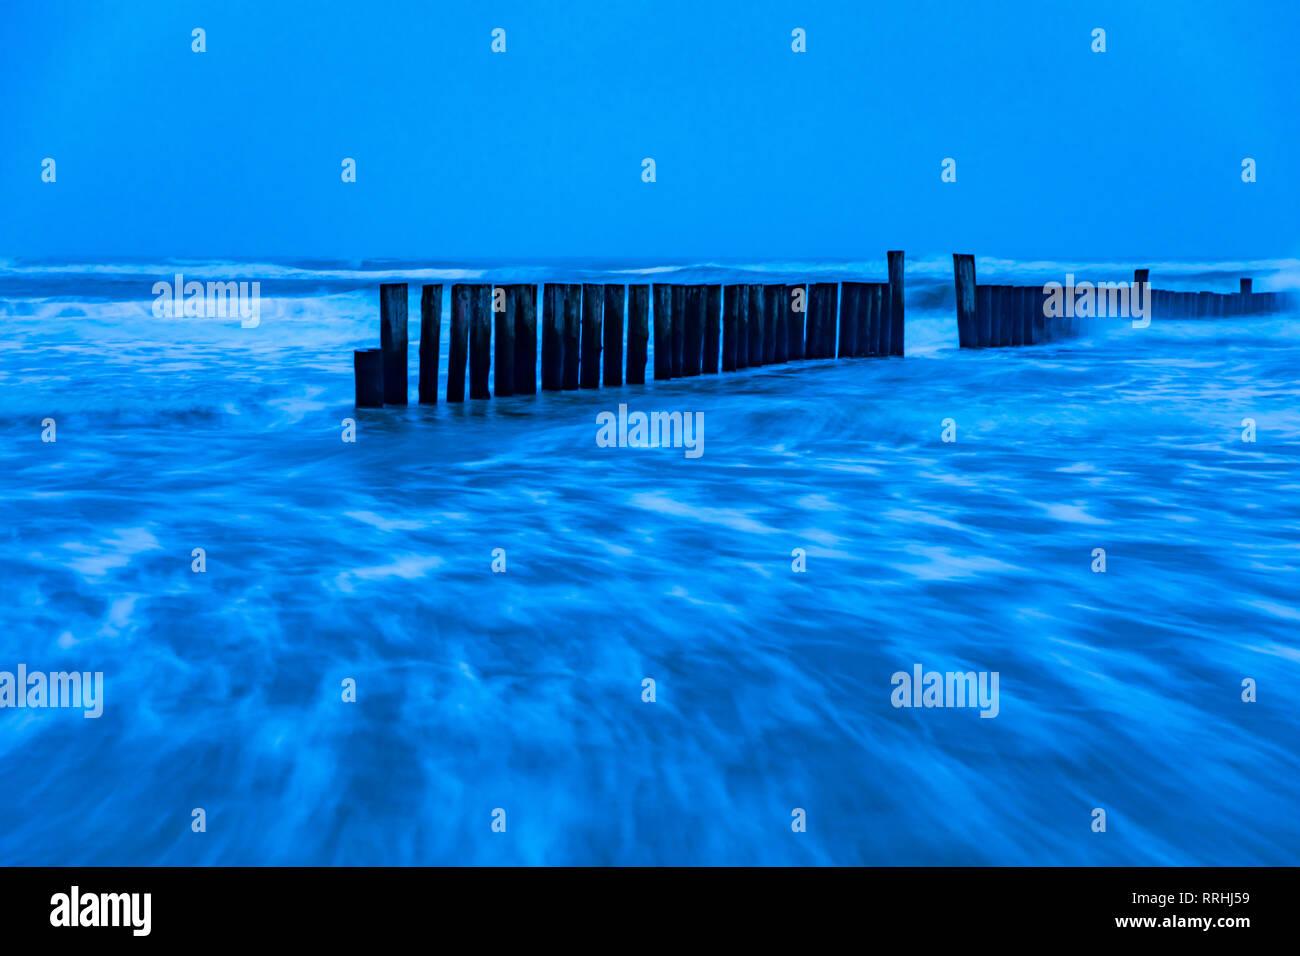 Ostfriesland, Insel Wangerooge, Strand bei Flut, Wellenbrecher, Buhnen, Wellen laufen auf den Stand auf, bei einem Wintersturm, - Stock Image